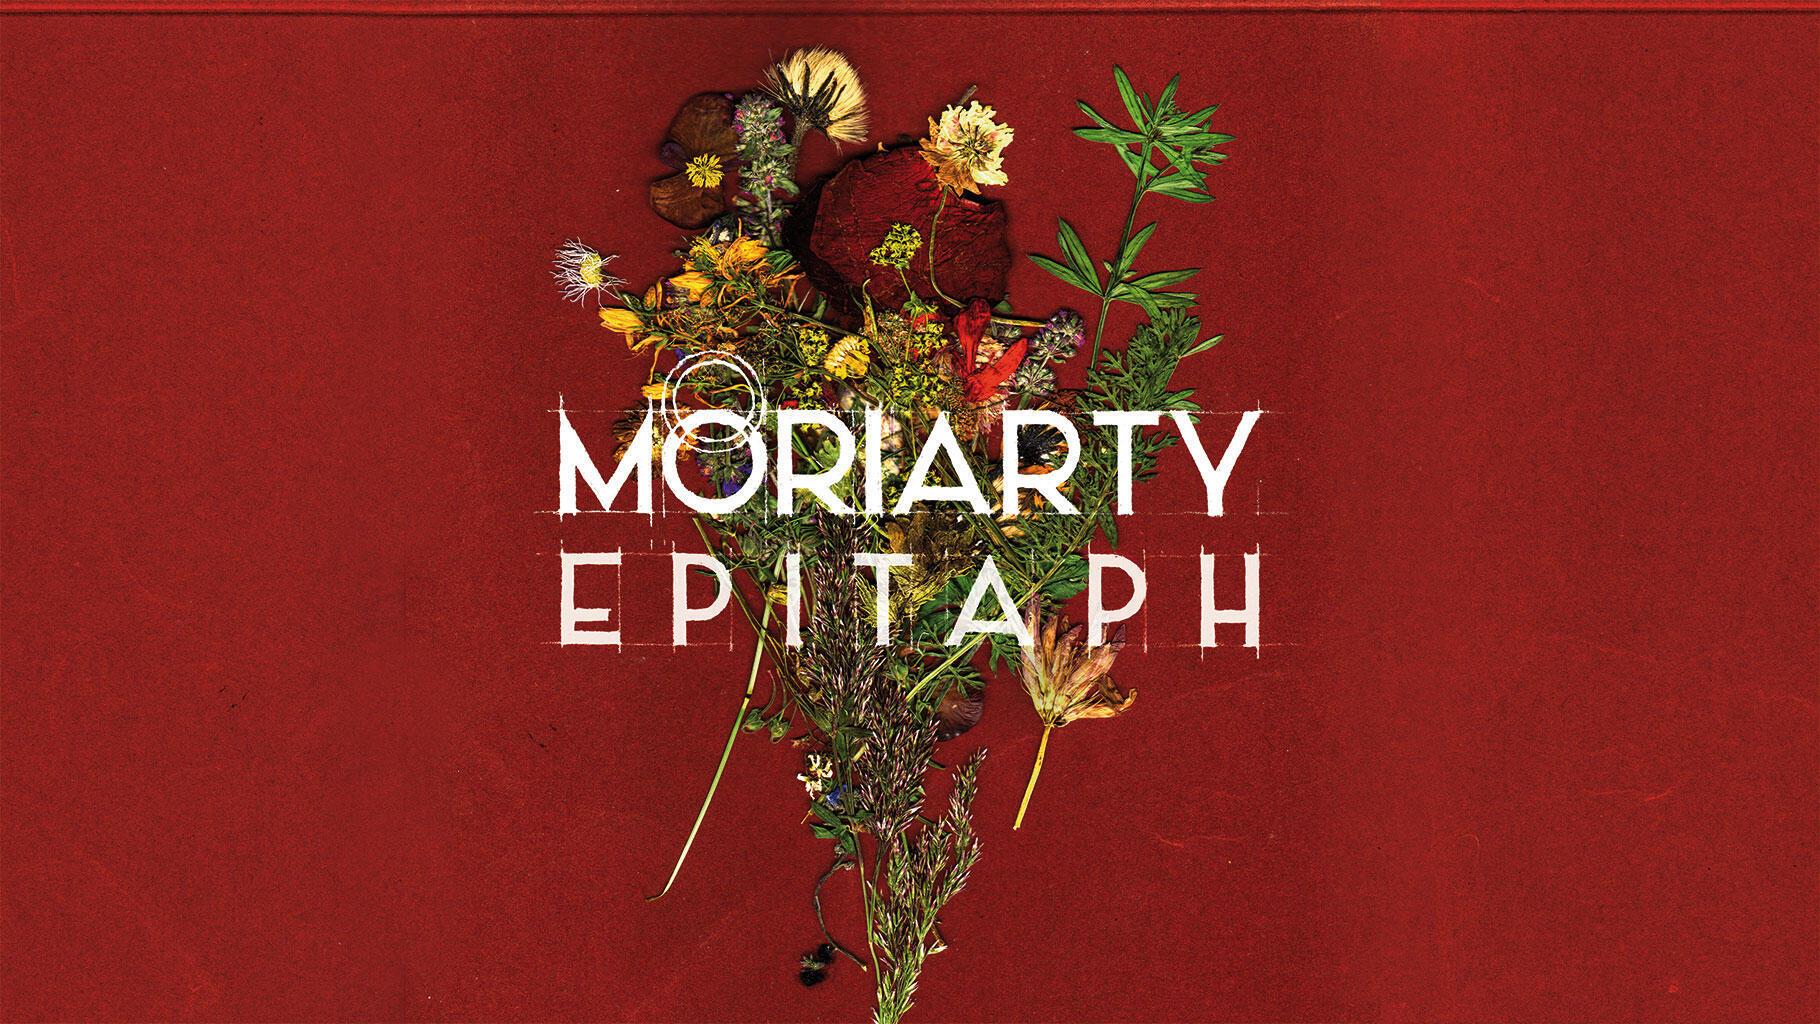 Couverture de l'album de Moriarty, «Epitaph».